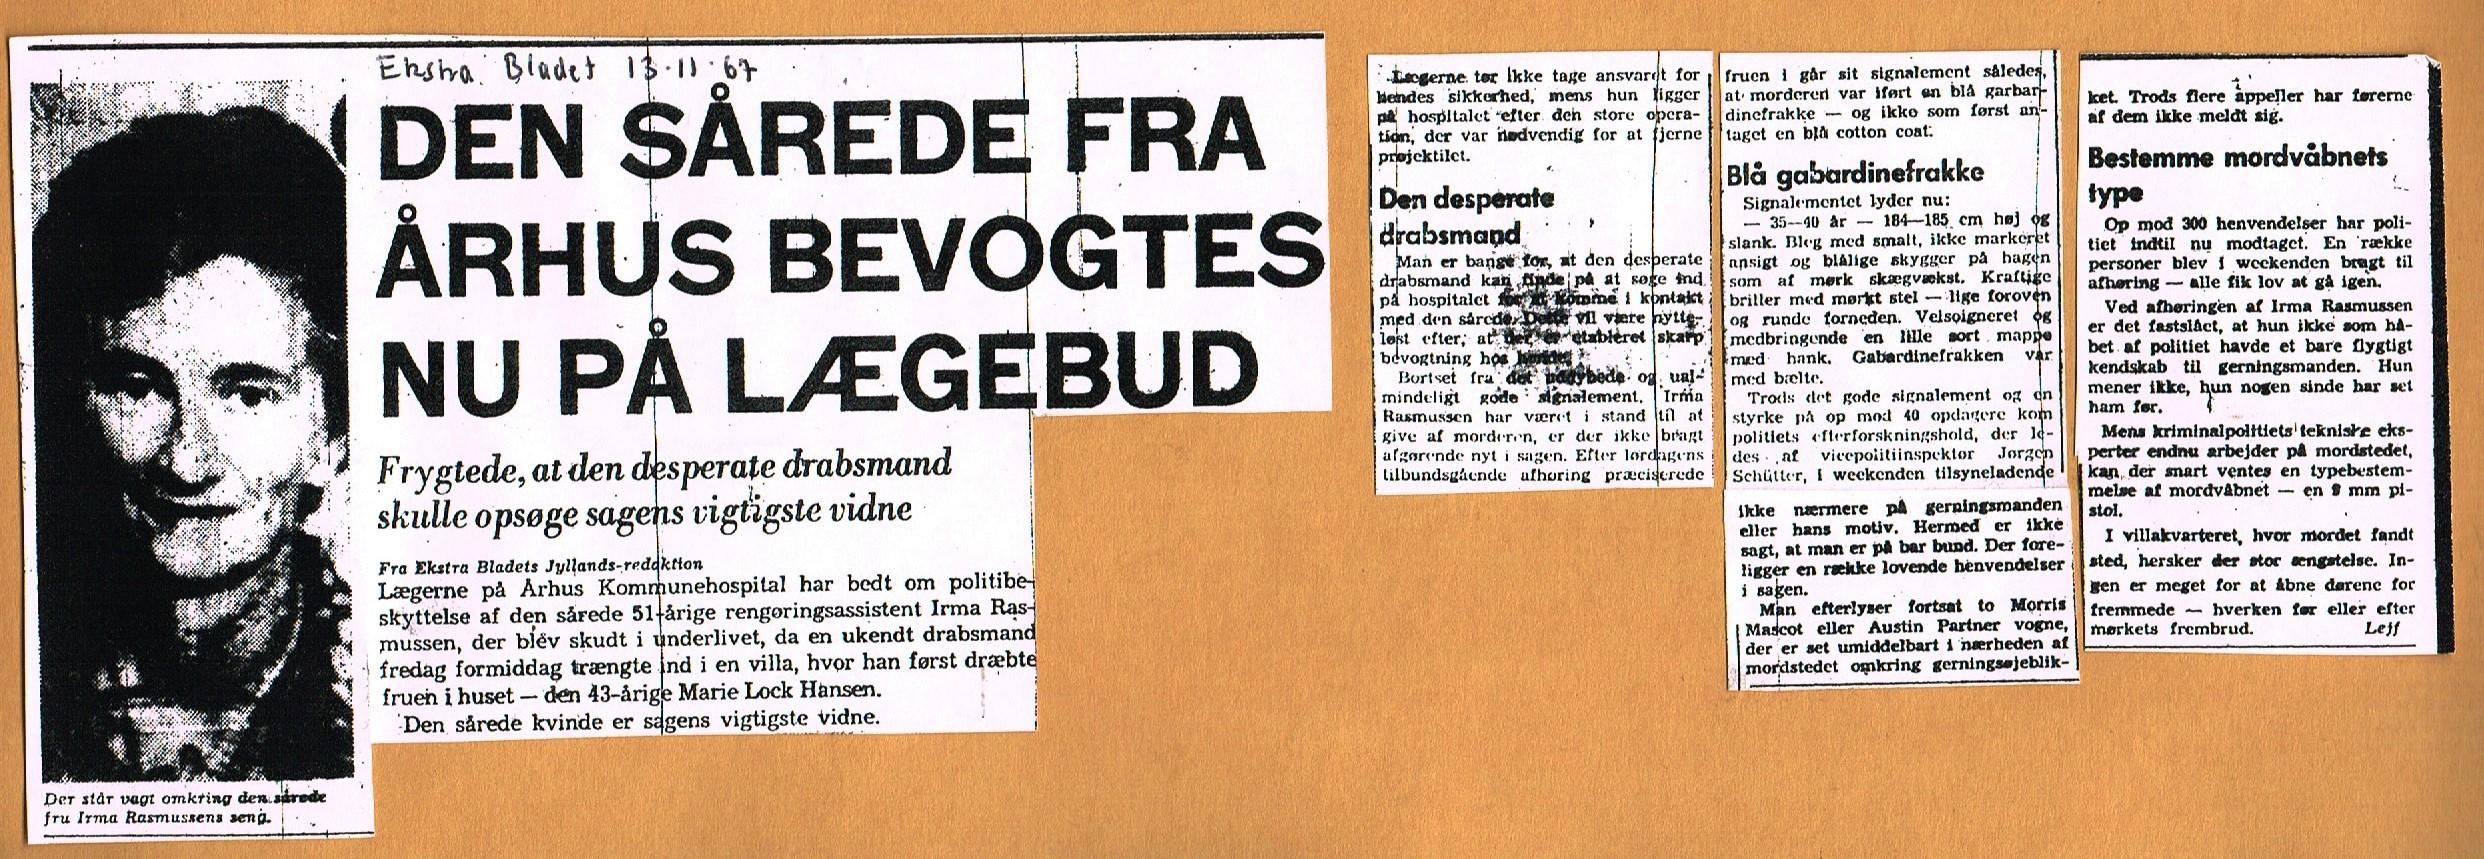 Højbjergmordet - Ekstra Bladet 13.11-1967